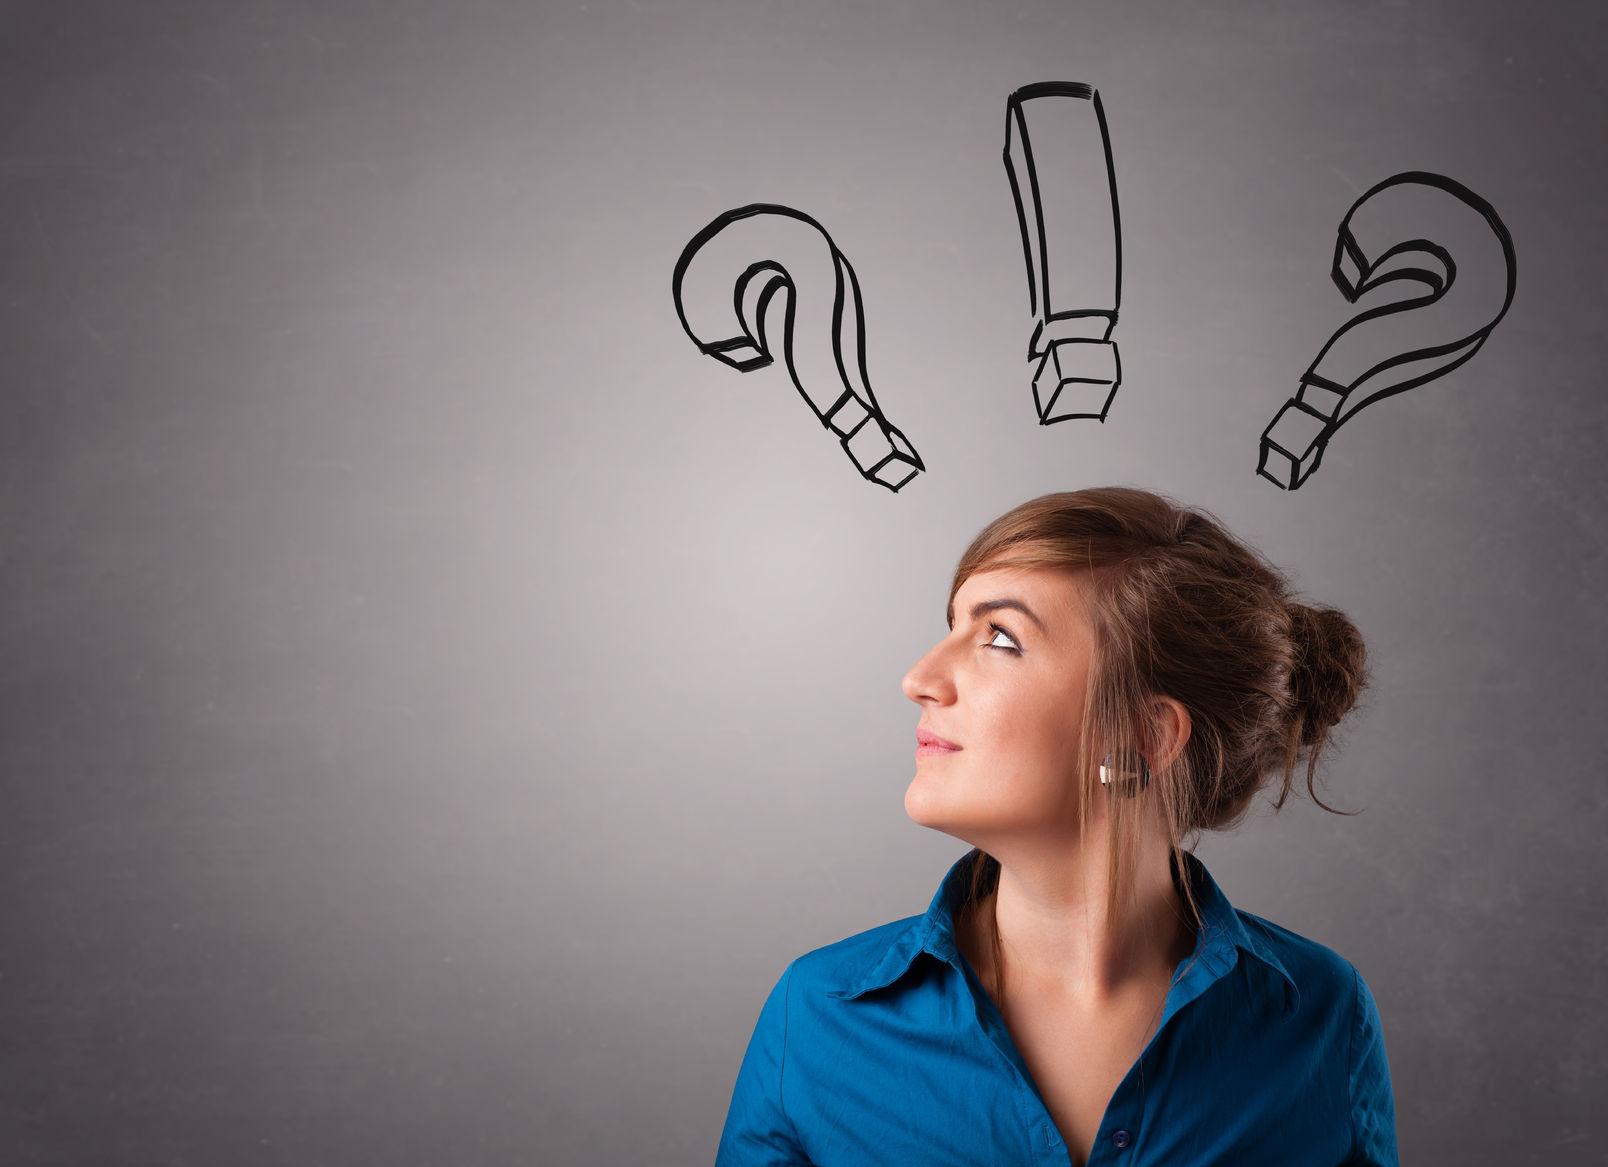 Эскроу или аккредитив при покупке квартиры – в чём главные отличия?